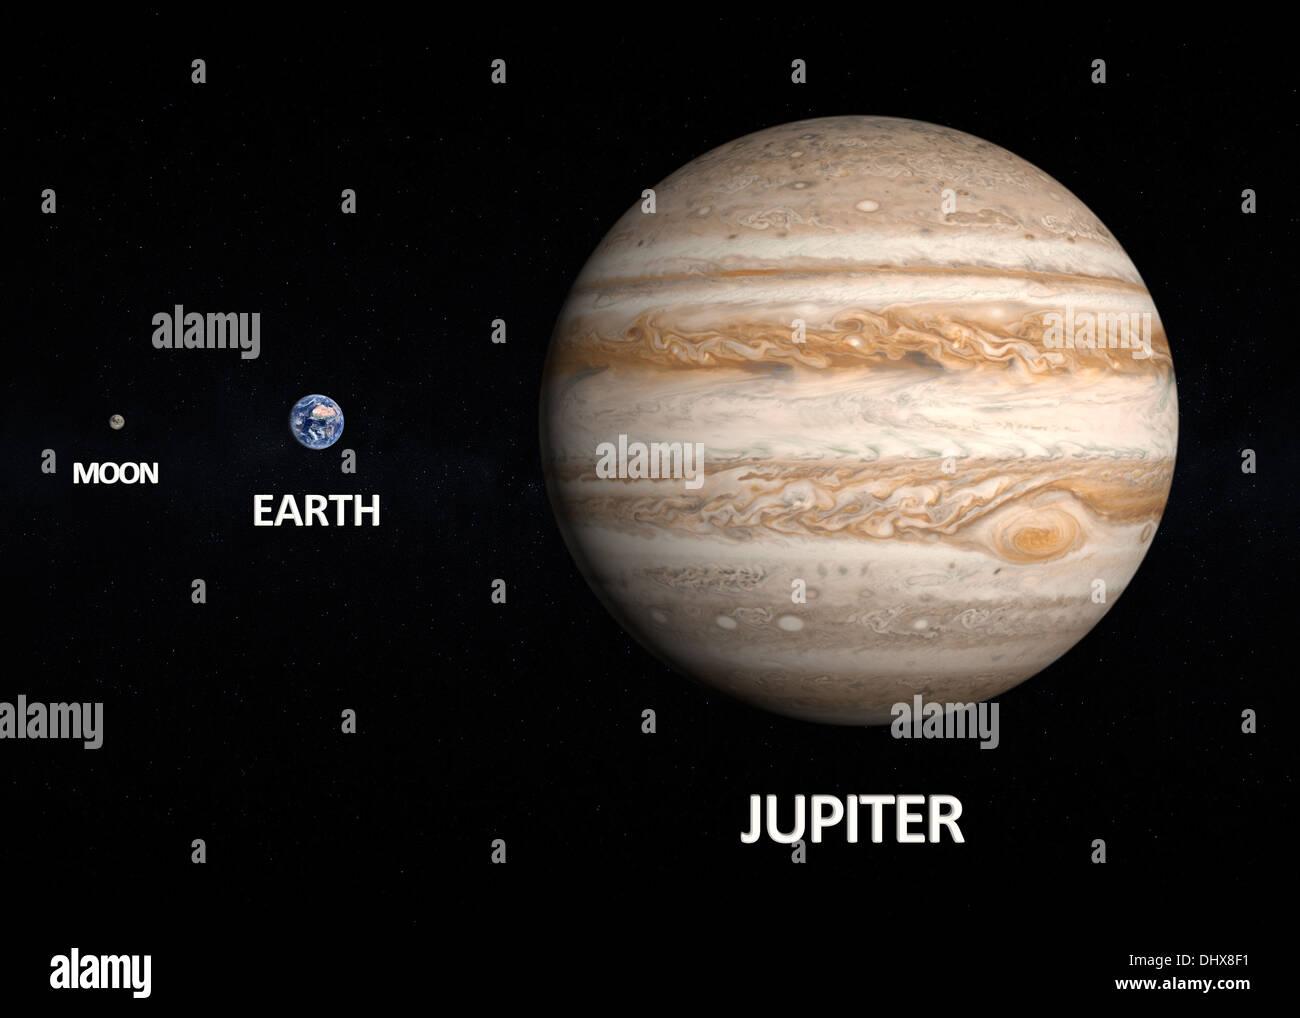 Ein Vergleich zwischen den Planeten Erde und Jupiter und der Mond ...